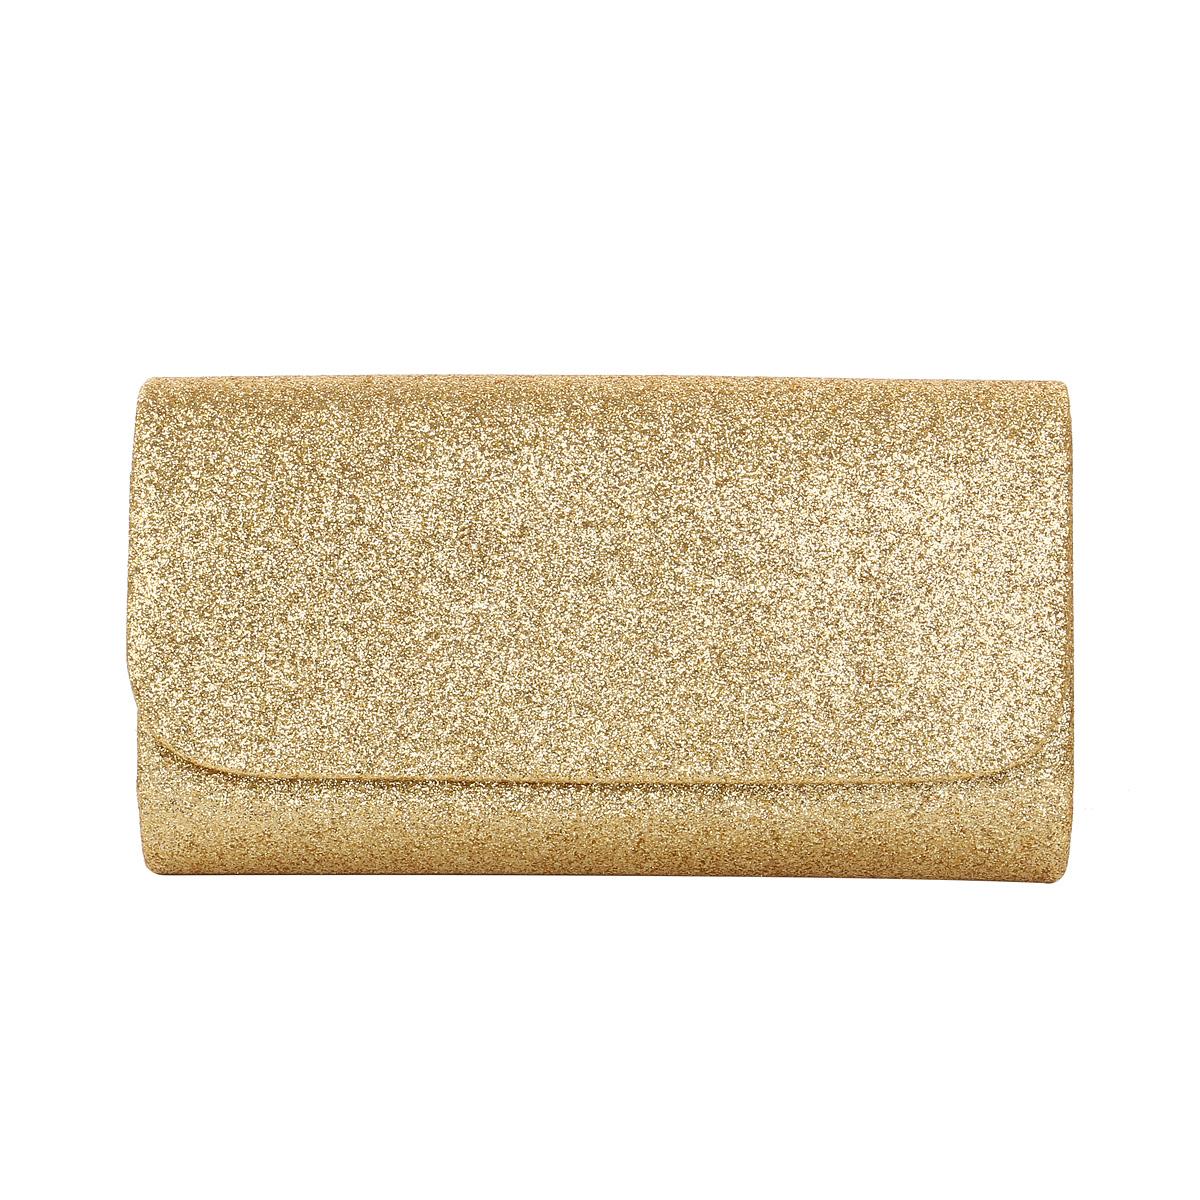 Gold Clutch Purses